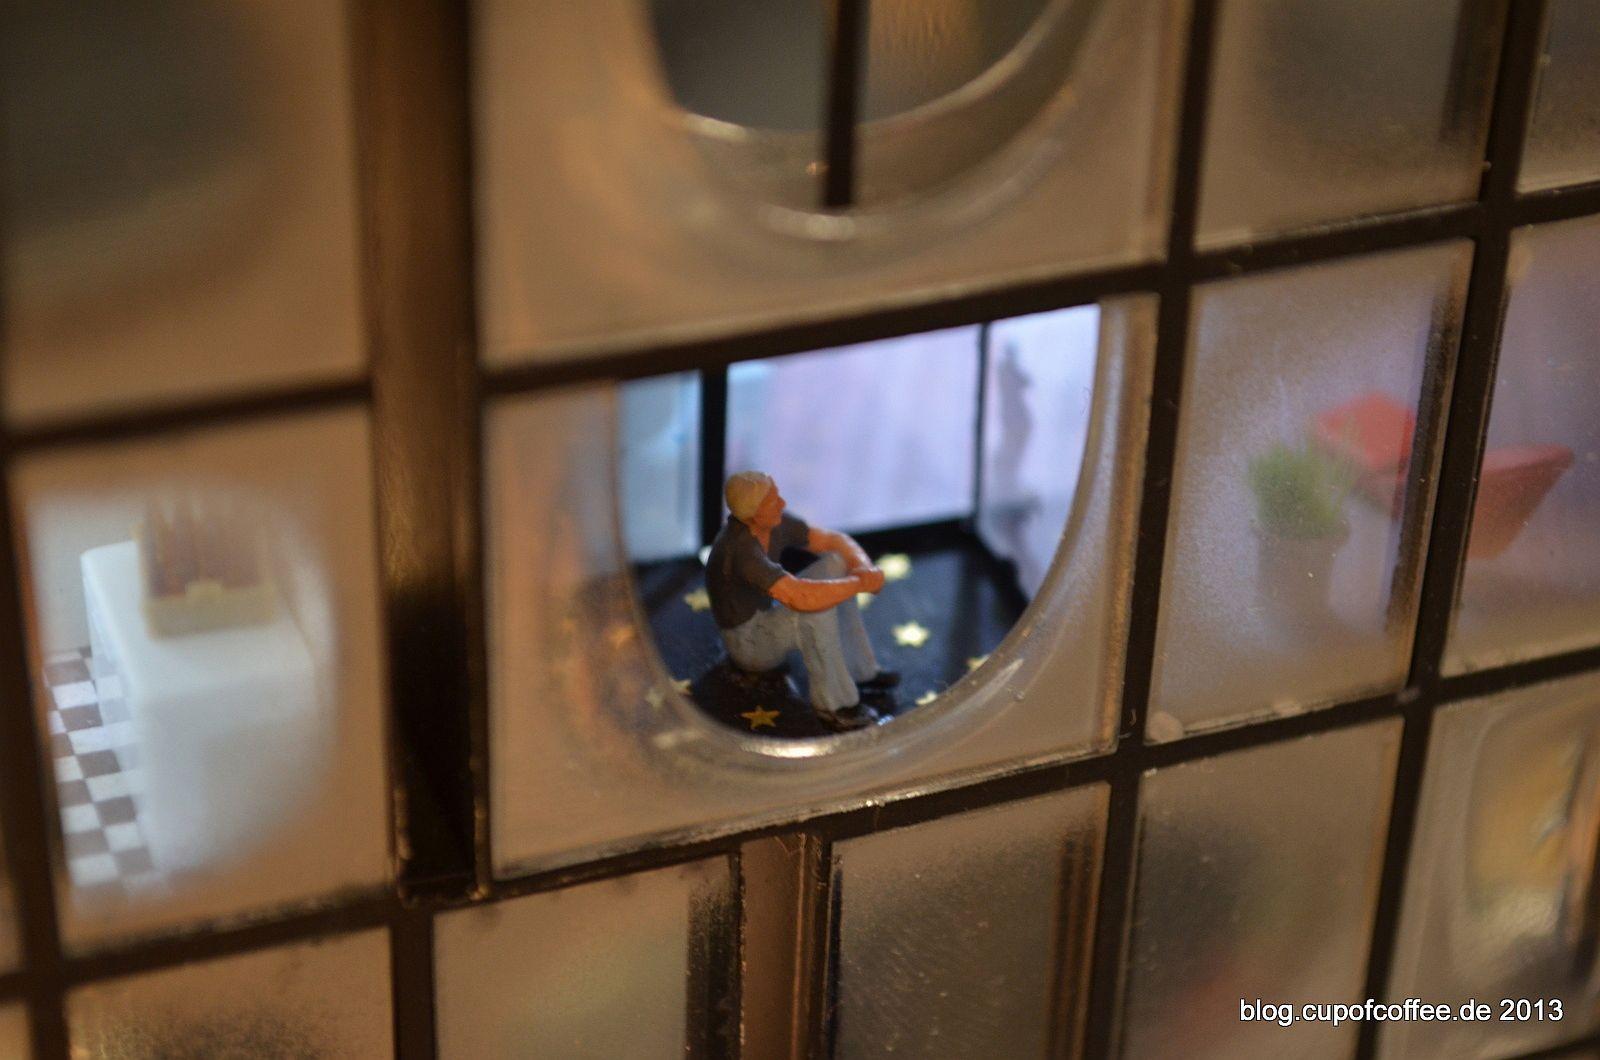 Die große Glasfassade eröffnet spannende Einblicke.